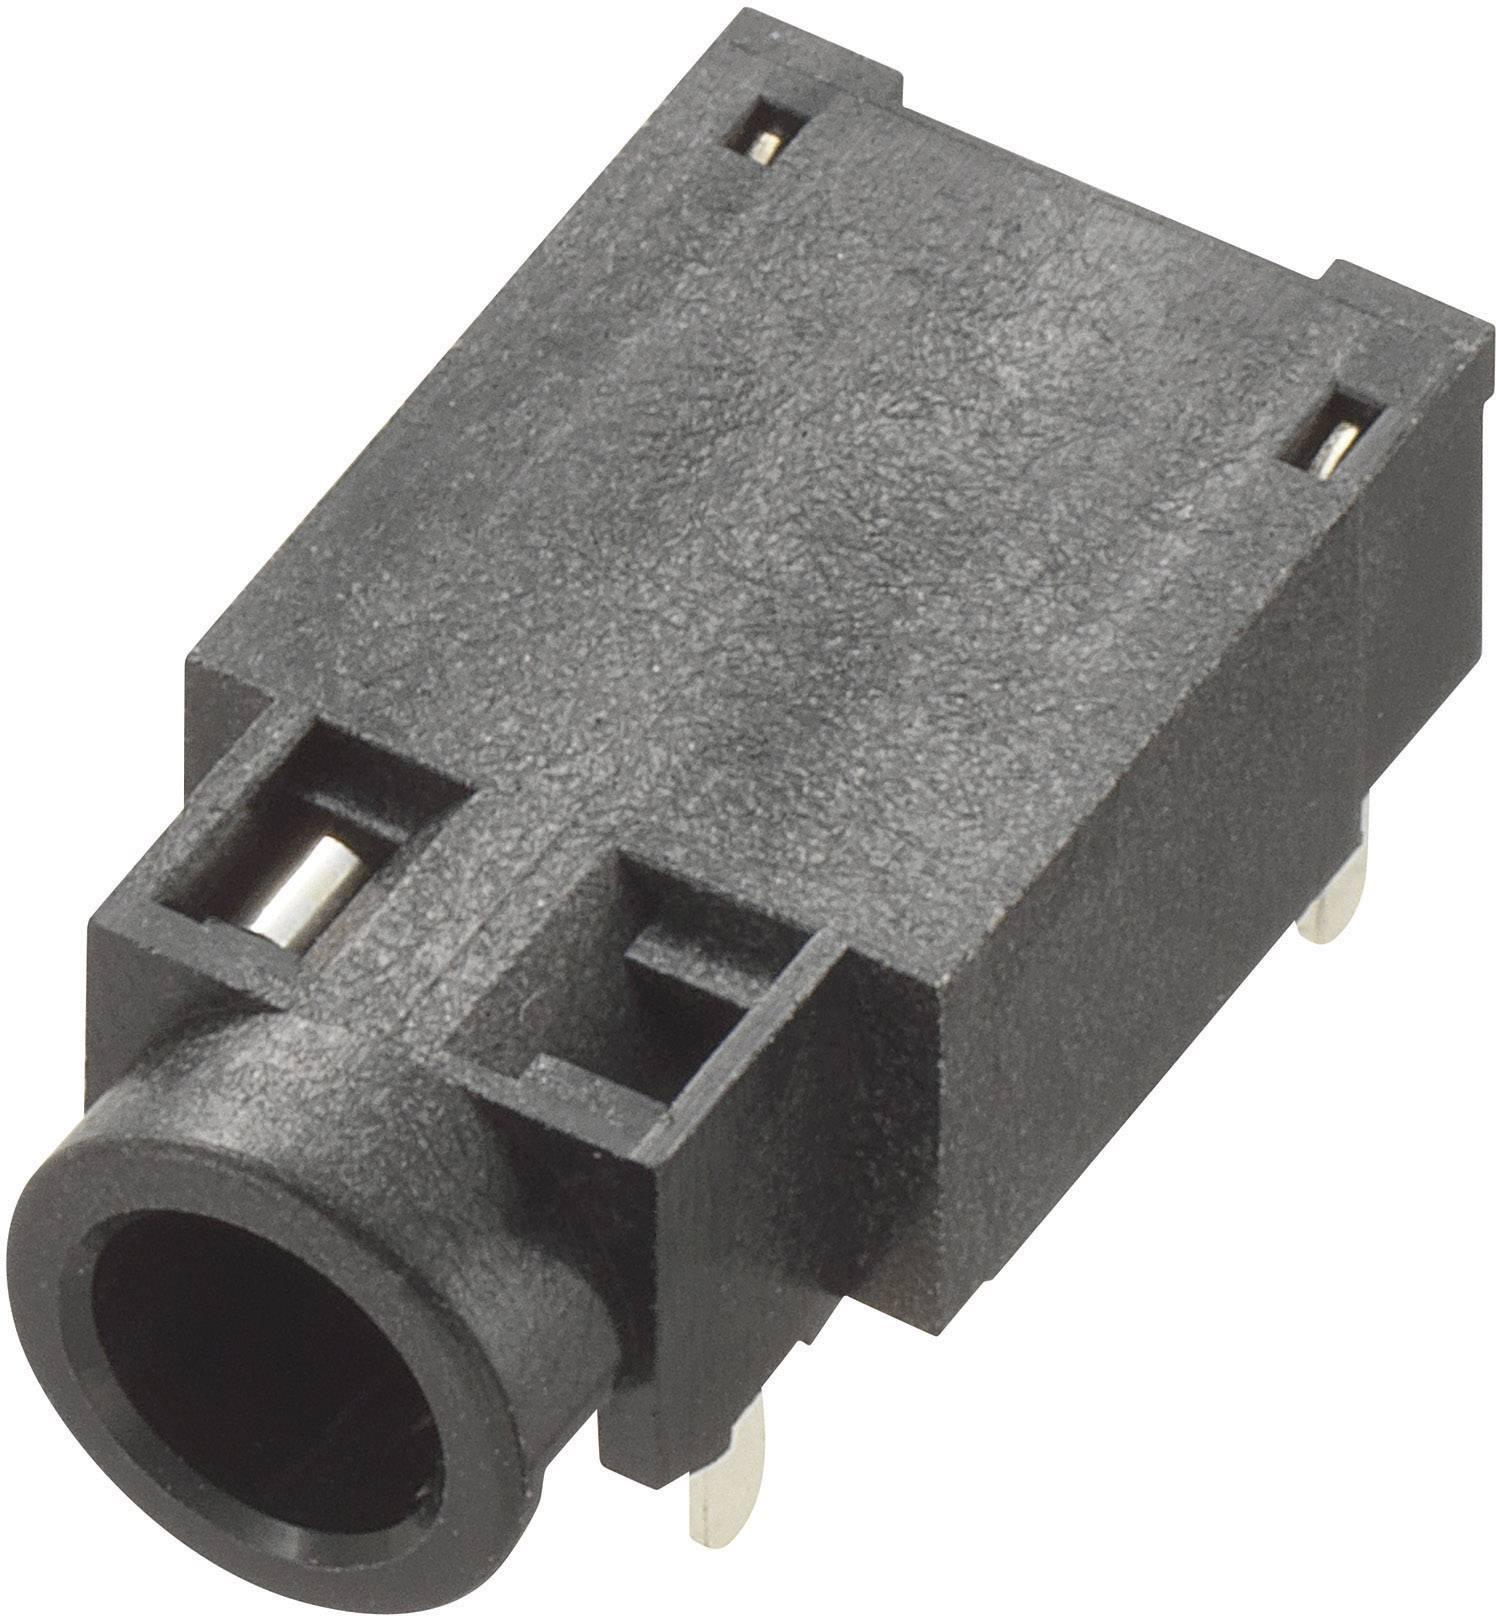 Jack konektor 3.5 mm stereo zásuvka, vstavateľná horizontálna Conrad Components 4, čierna, 1 ks